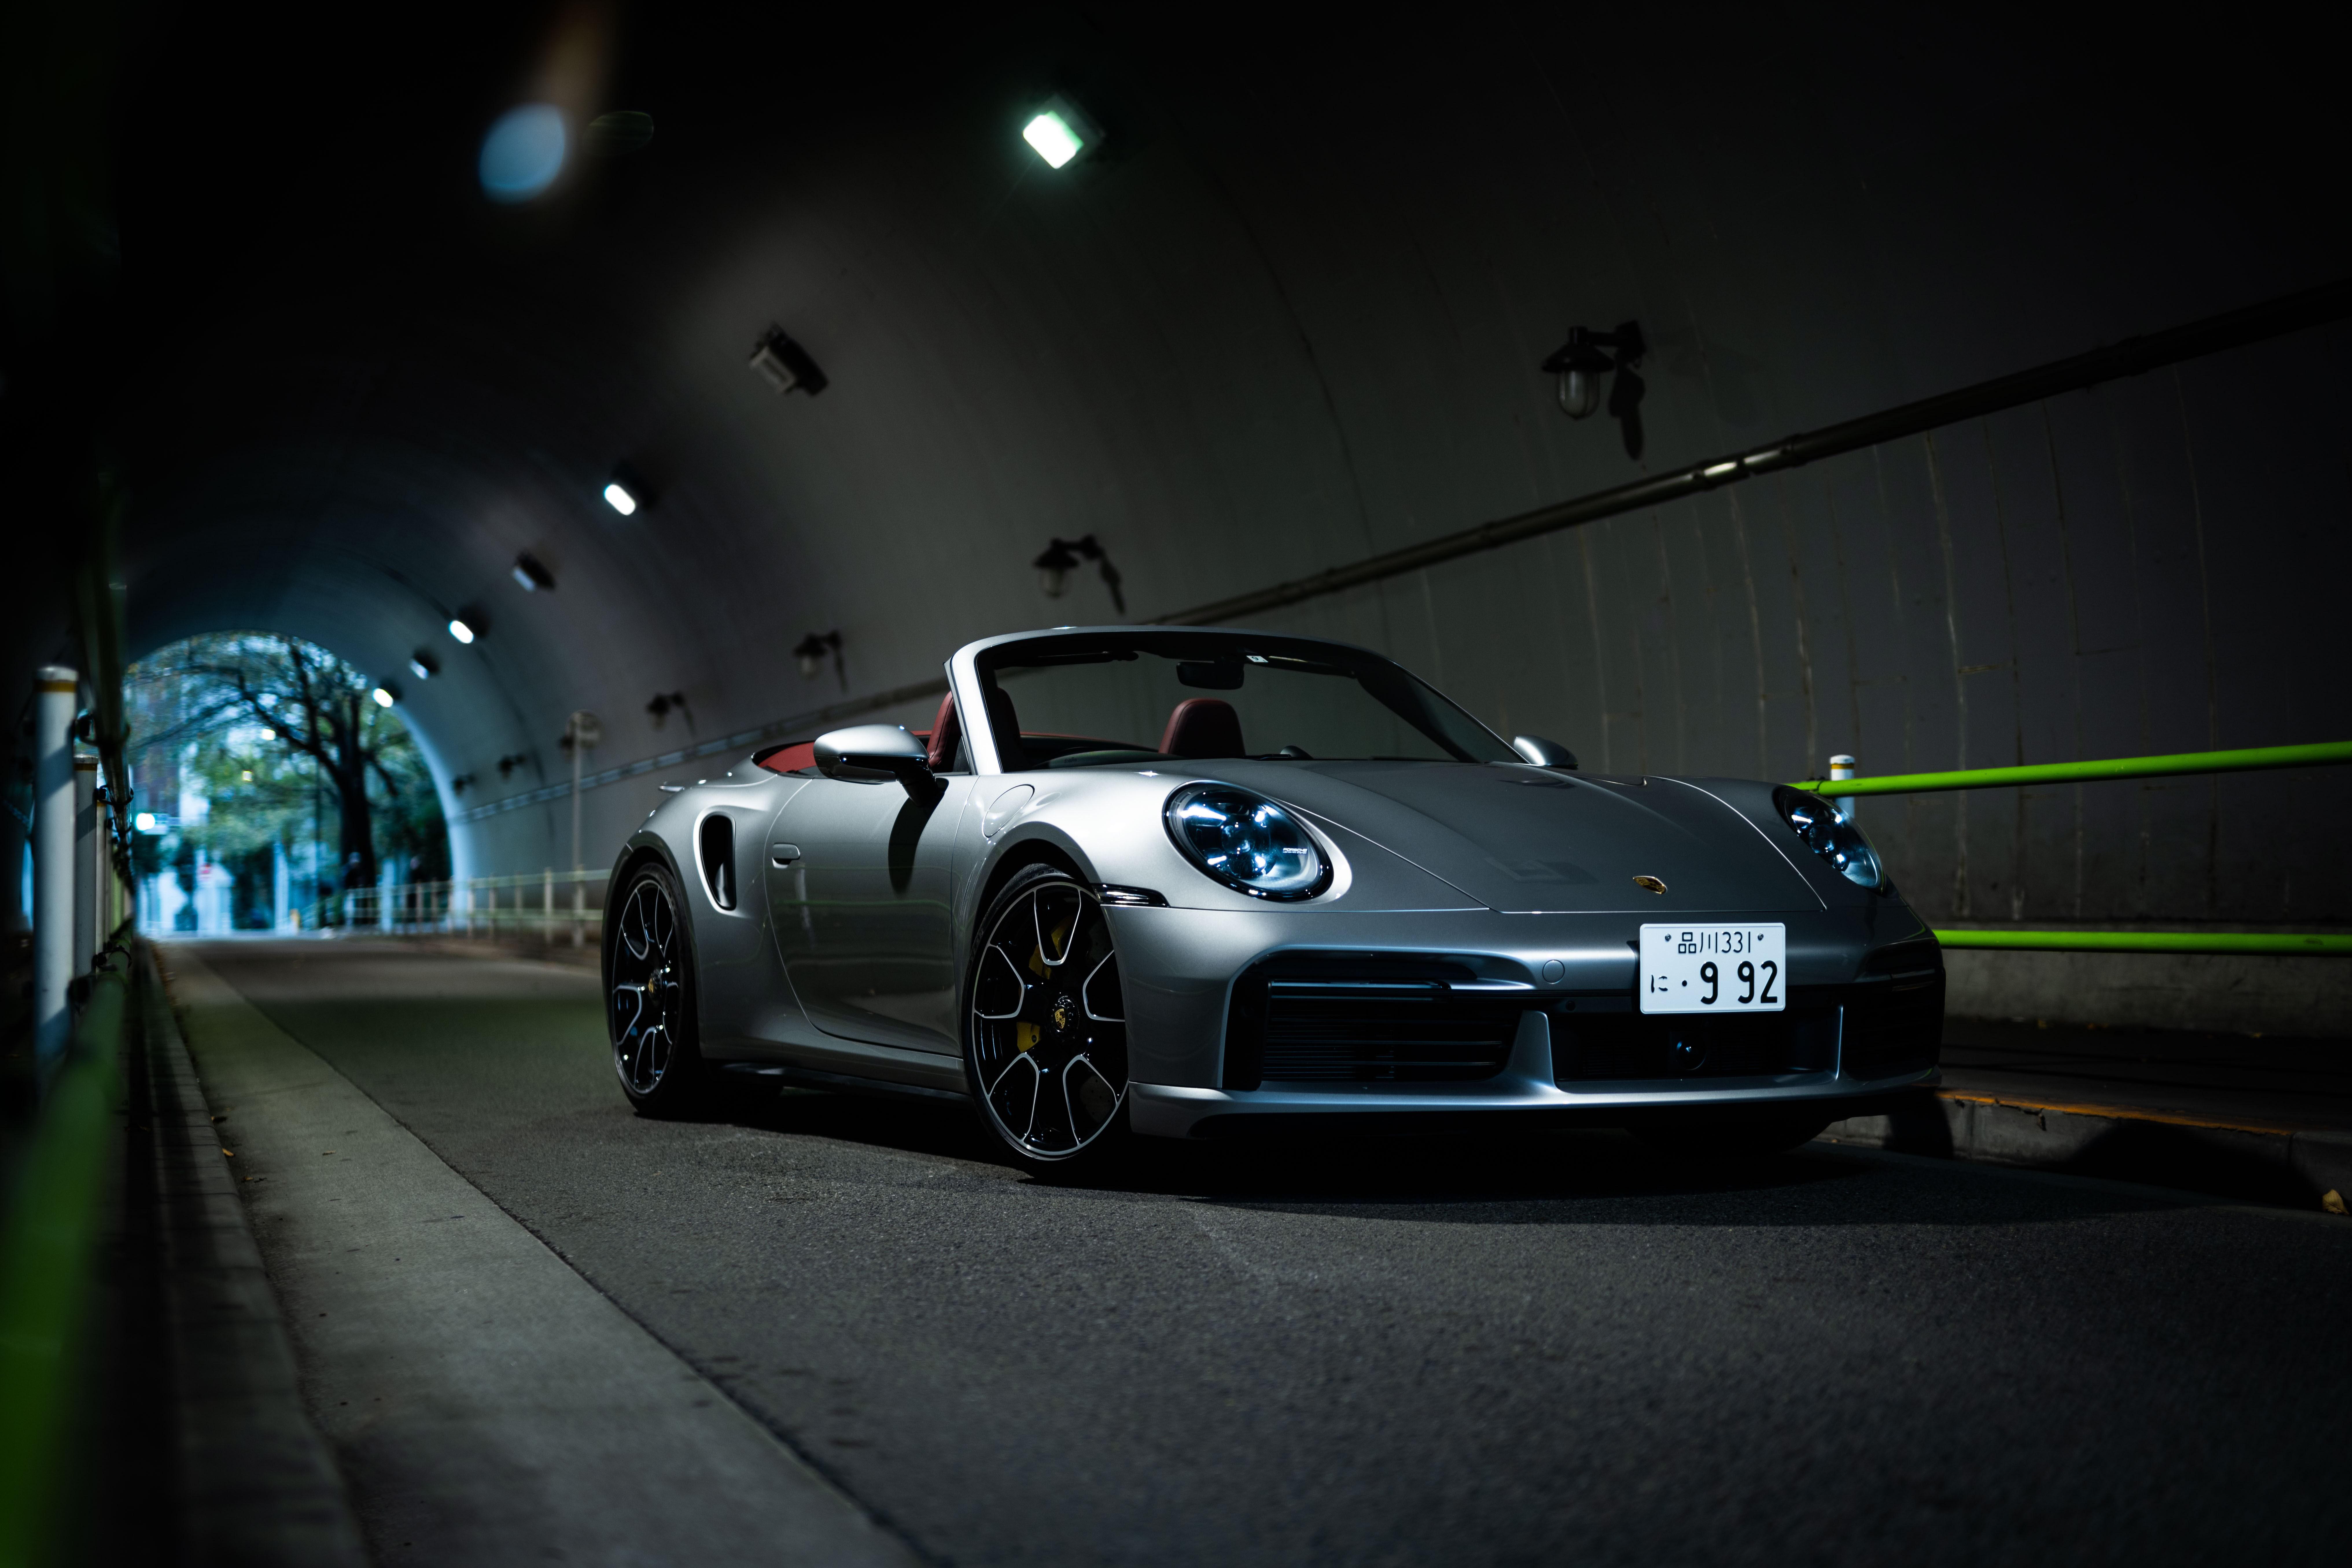 porsche 911 turbo s cabriolet 2021 4k 1608979855 - Porsche 911 Turbo S Cabriolet 2021 4k - Porsche 911 Turbo S Cabriolet 2021 4k wallpapers